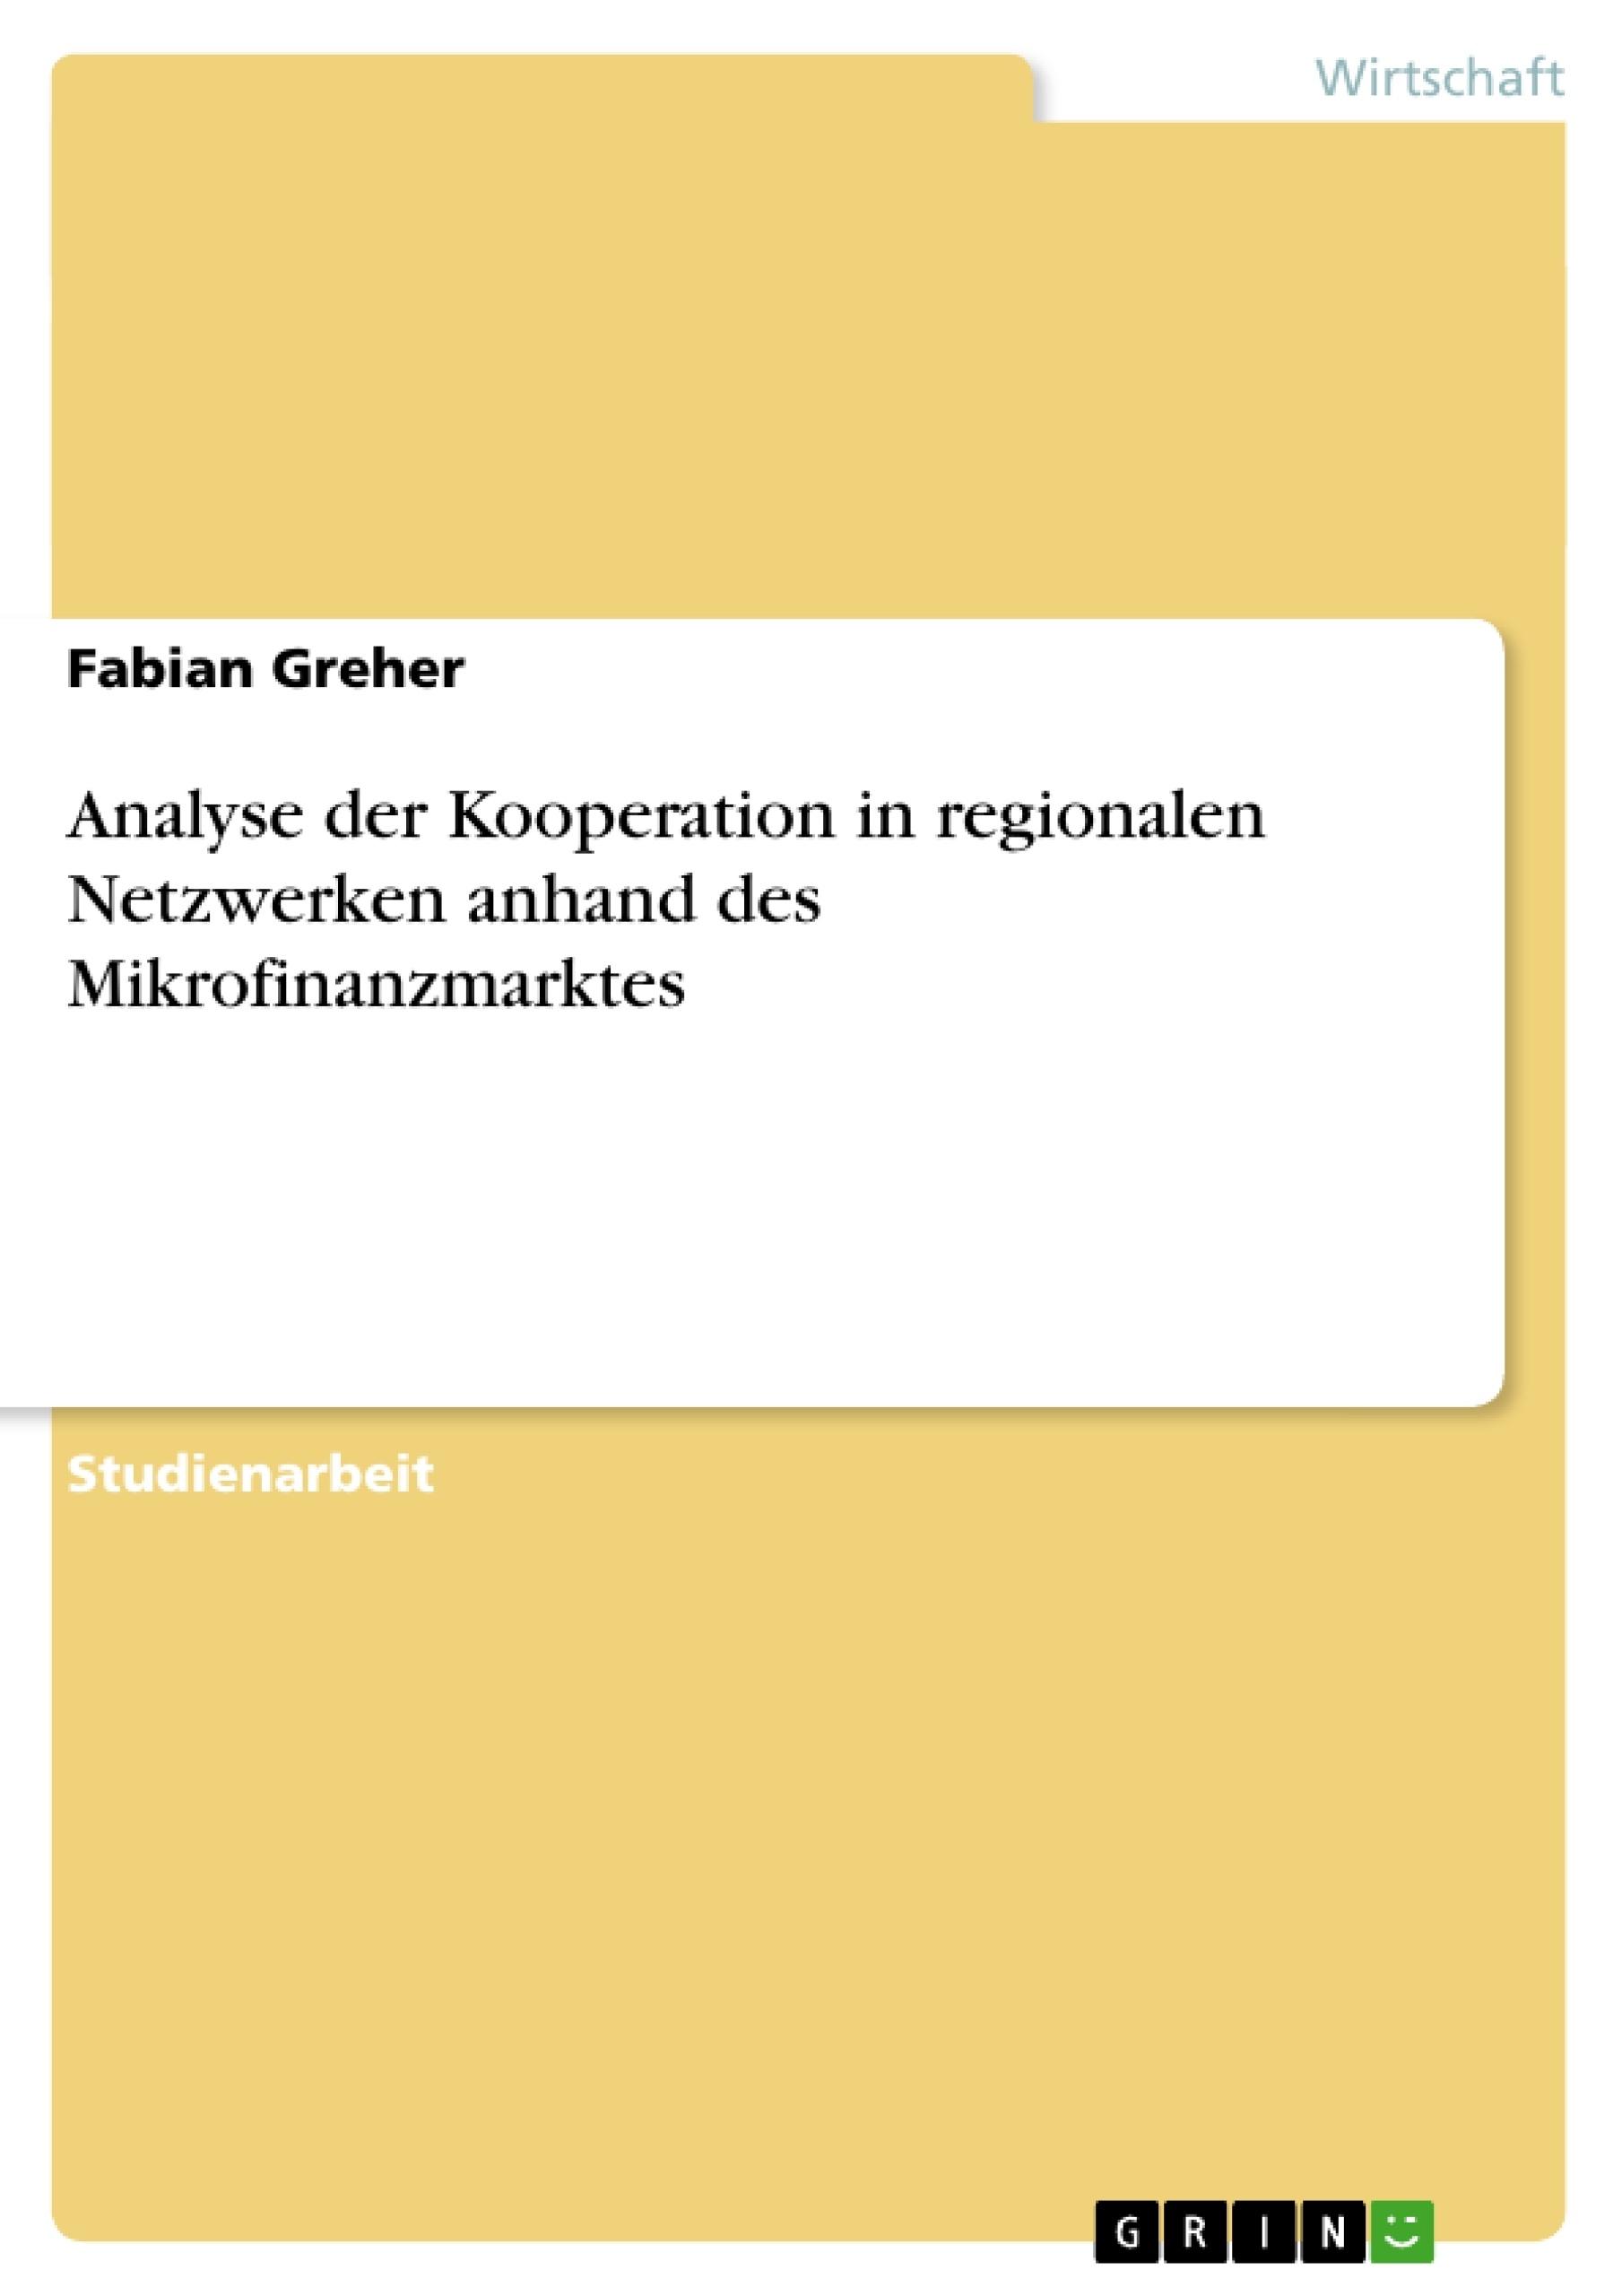 Titel: Analyse der Kooperation in regionalen Netzwerken anhand des Mikrofinanzmarktes